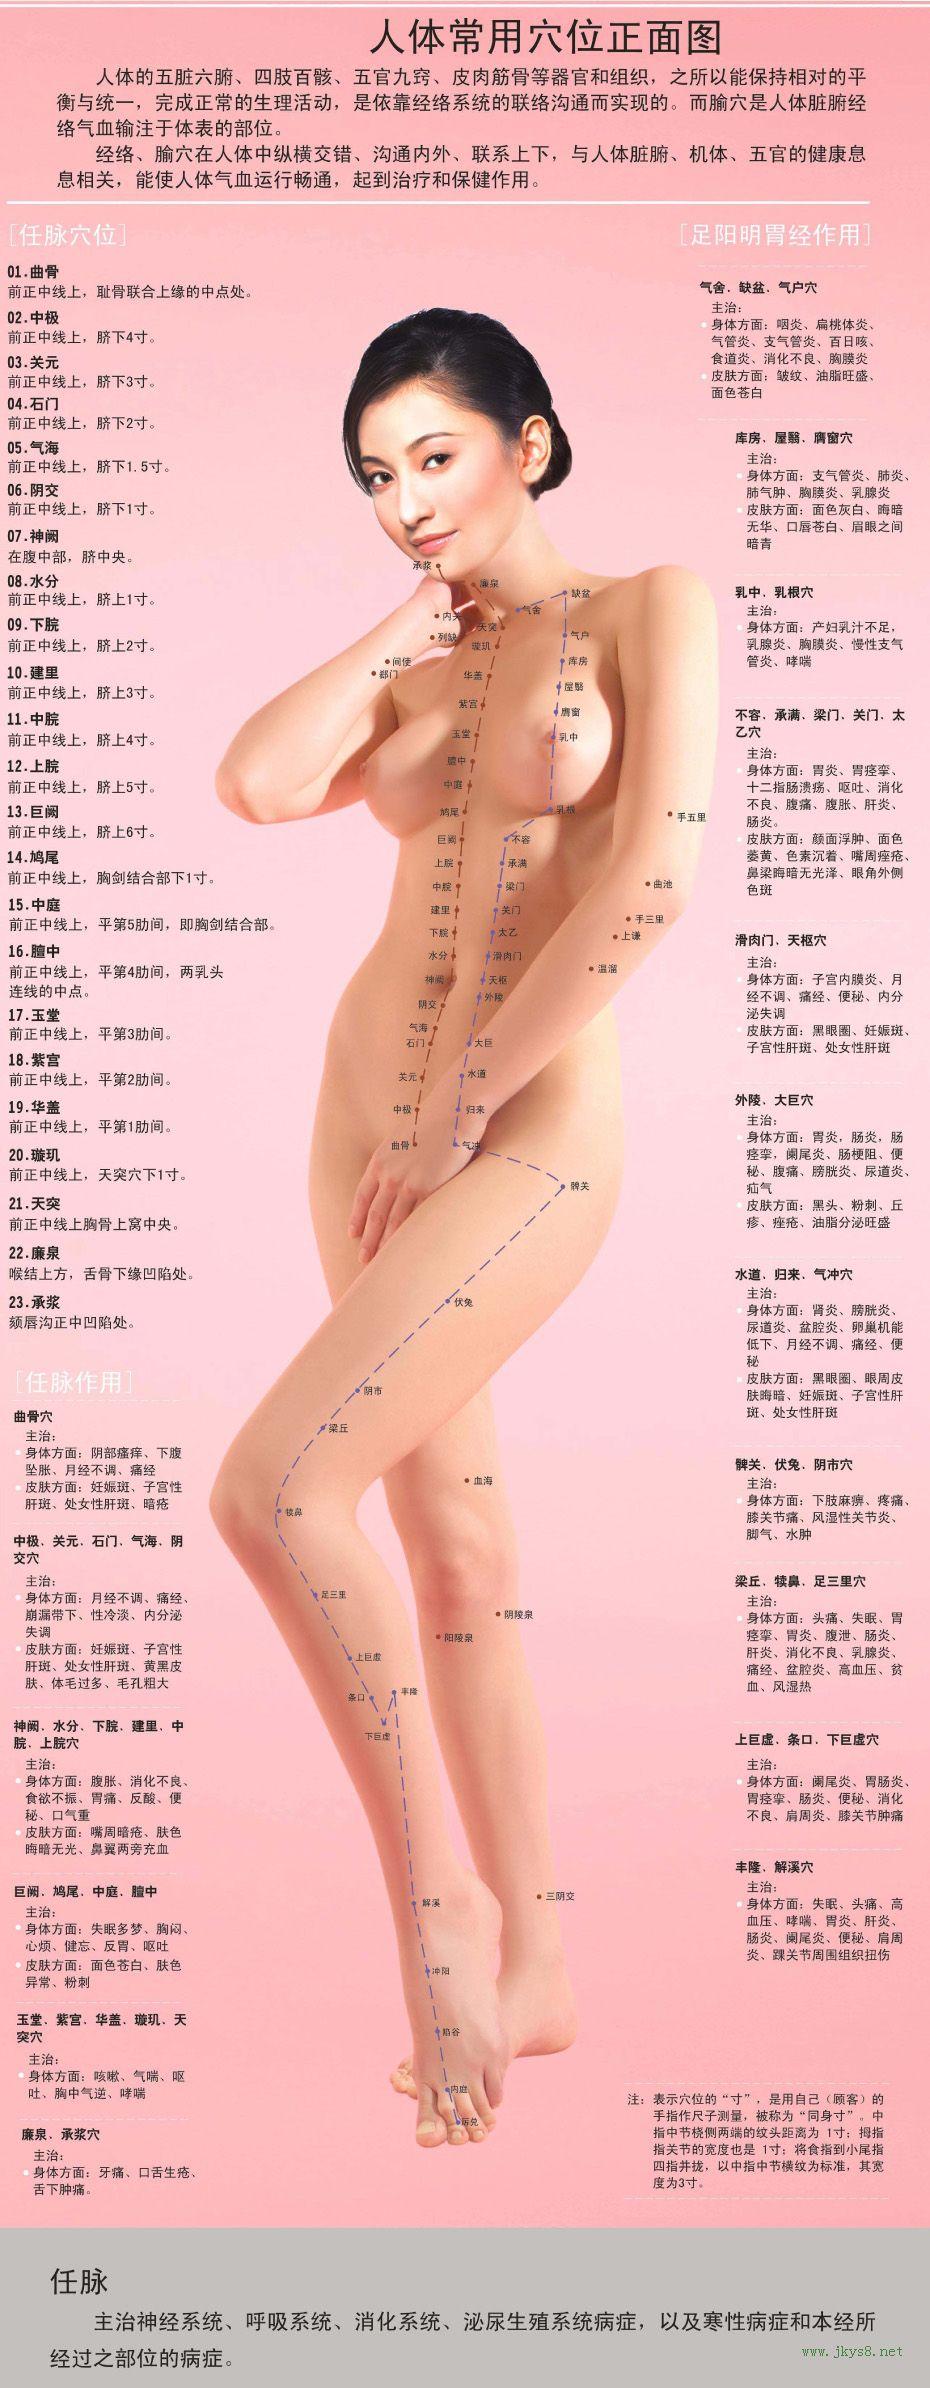 女性人体穴位图解大全【正面高清图下载】